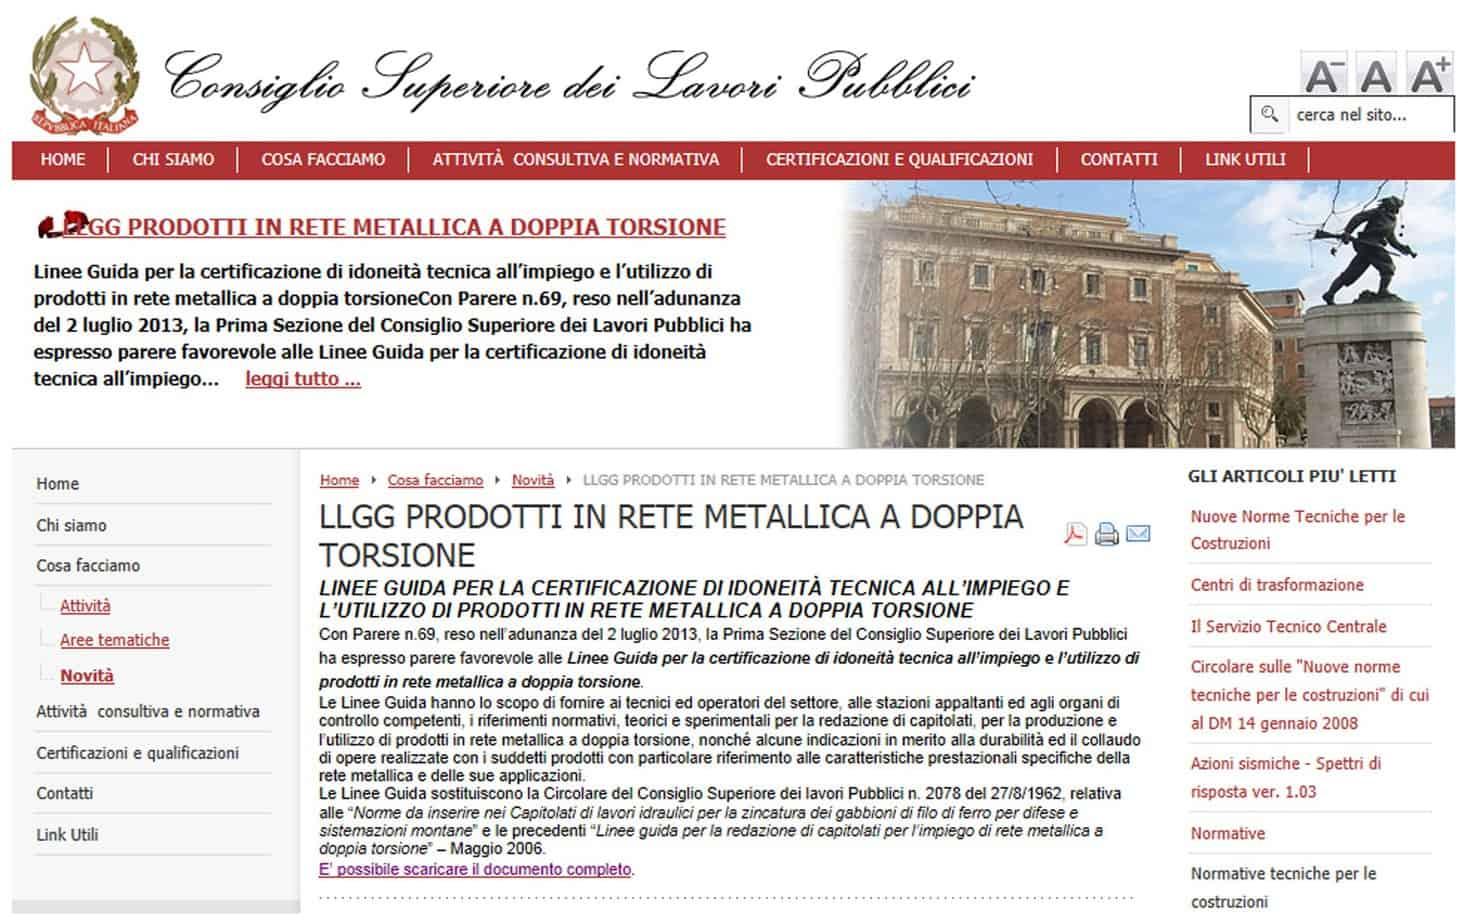 Una schermata del sito web C.S.LL.PP